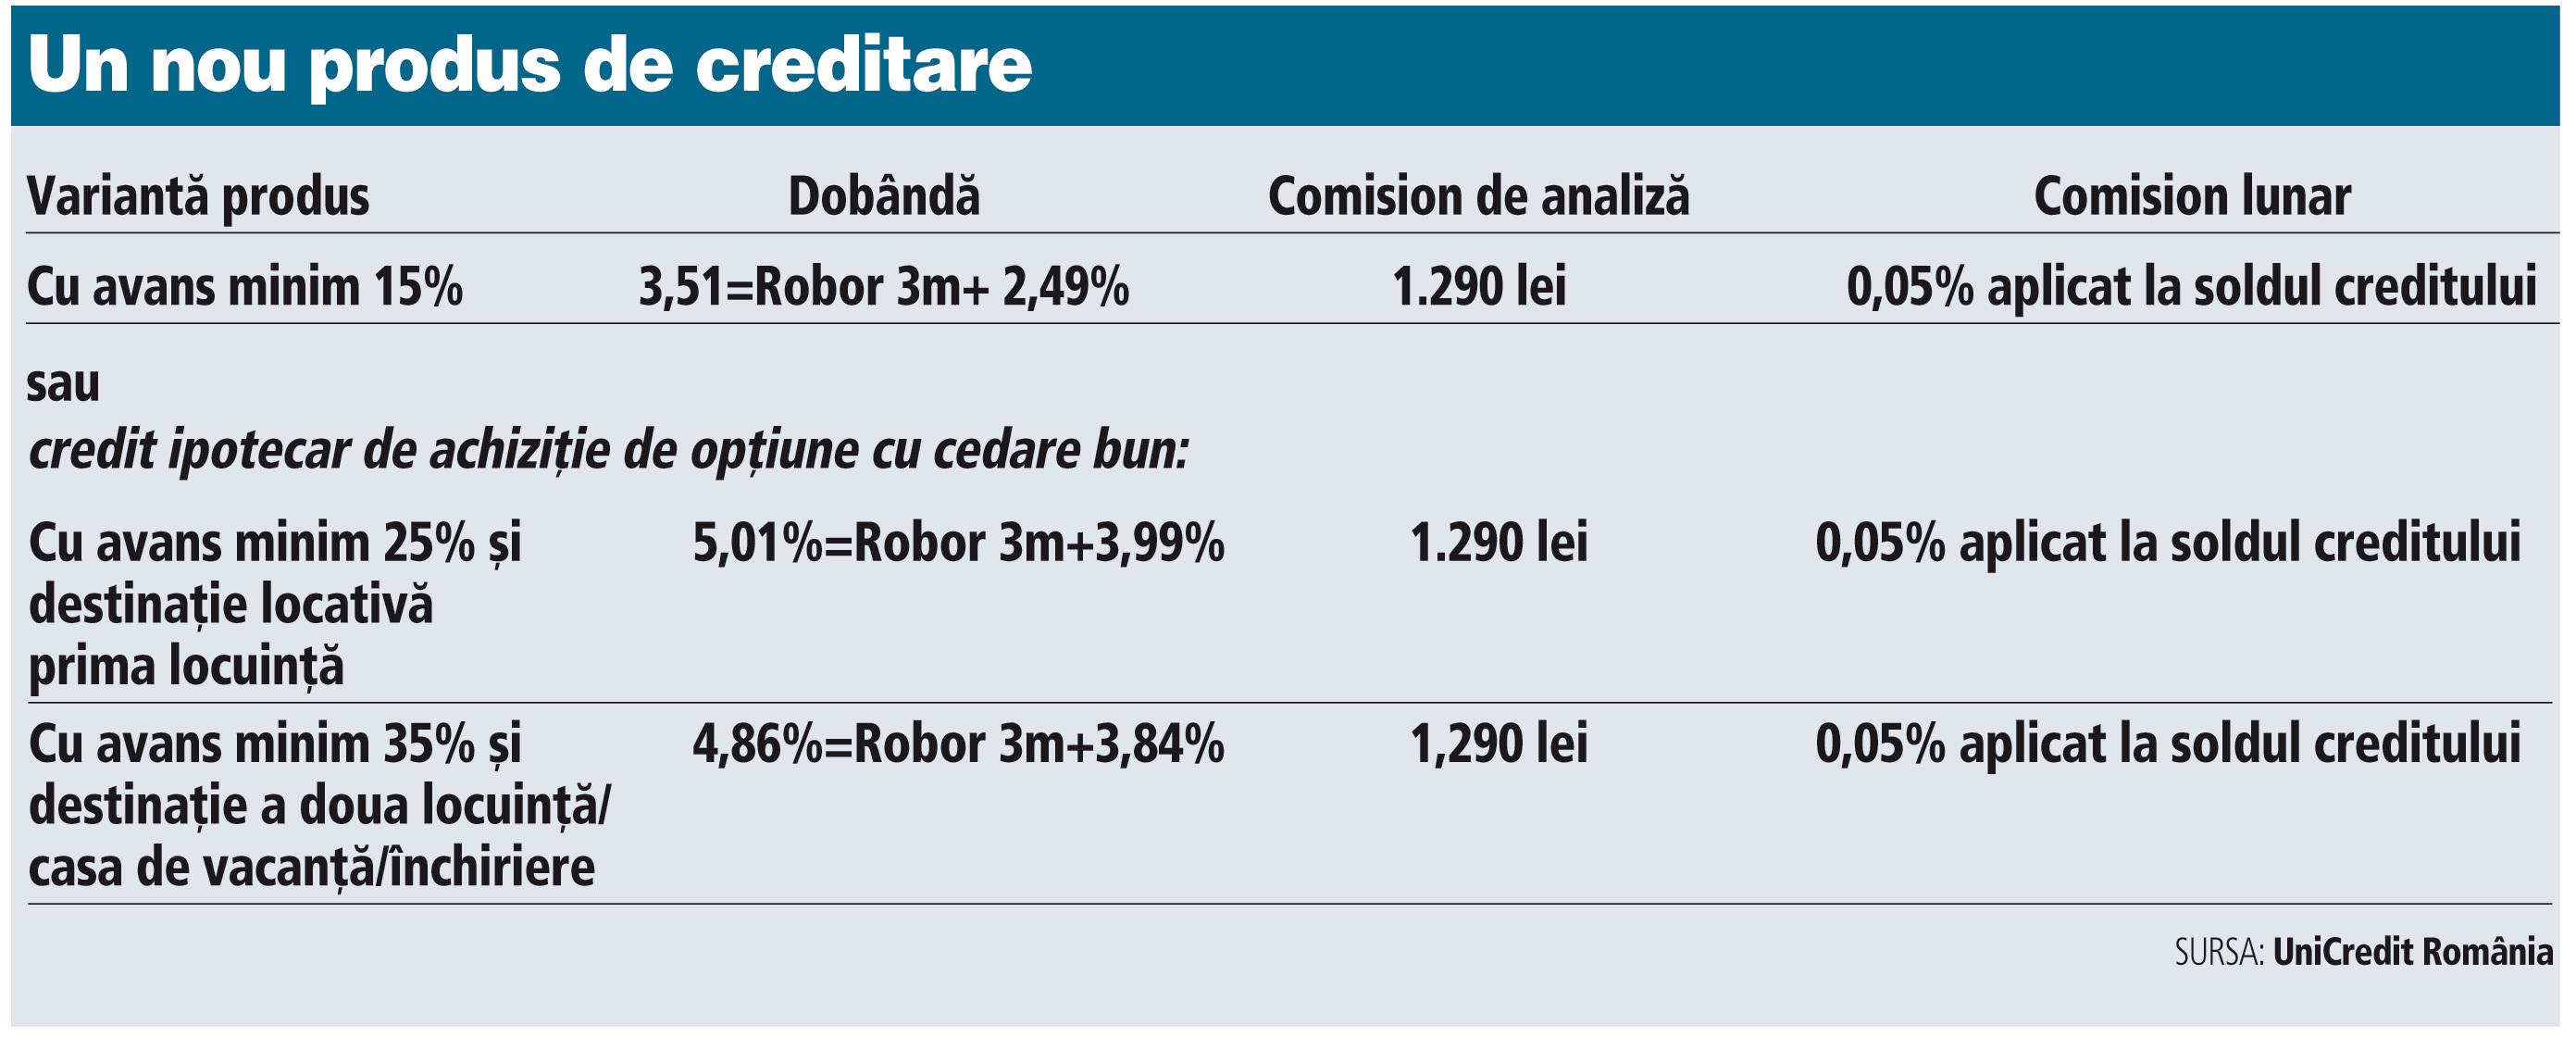 UniCredit aduce un nou produs pe piaţă: avans solicitat de 35% la creditele imobiliare în lei